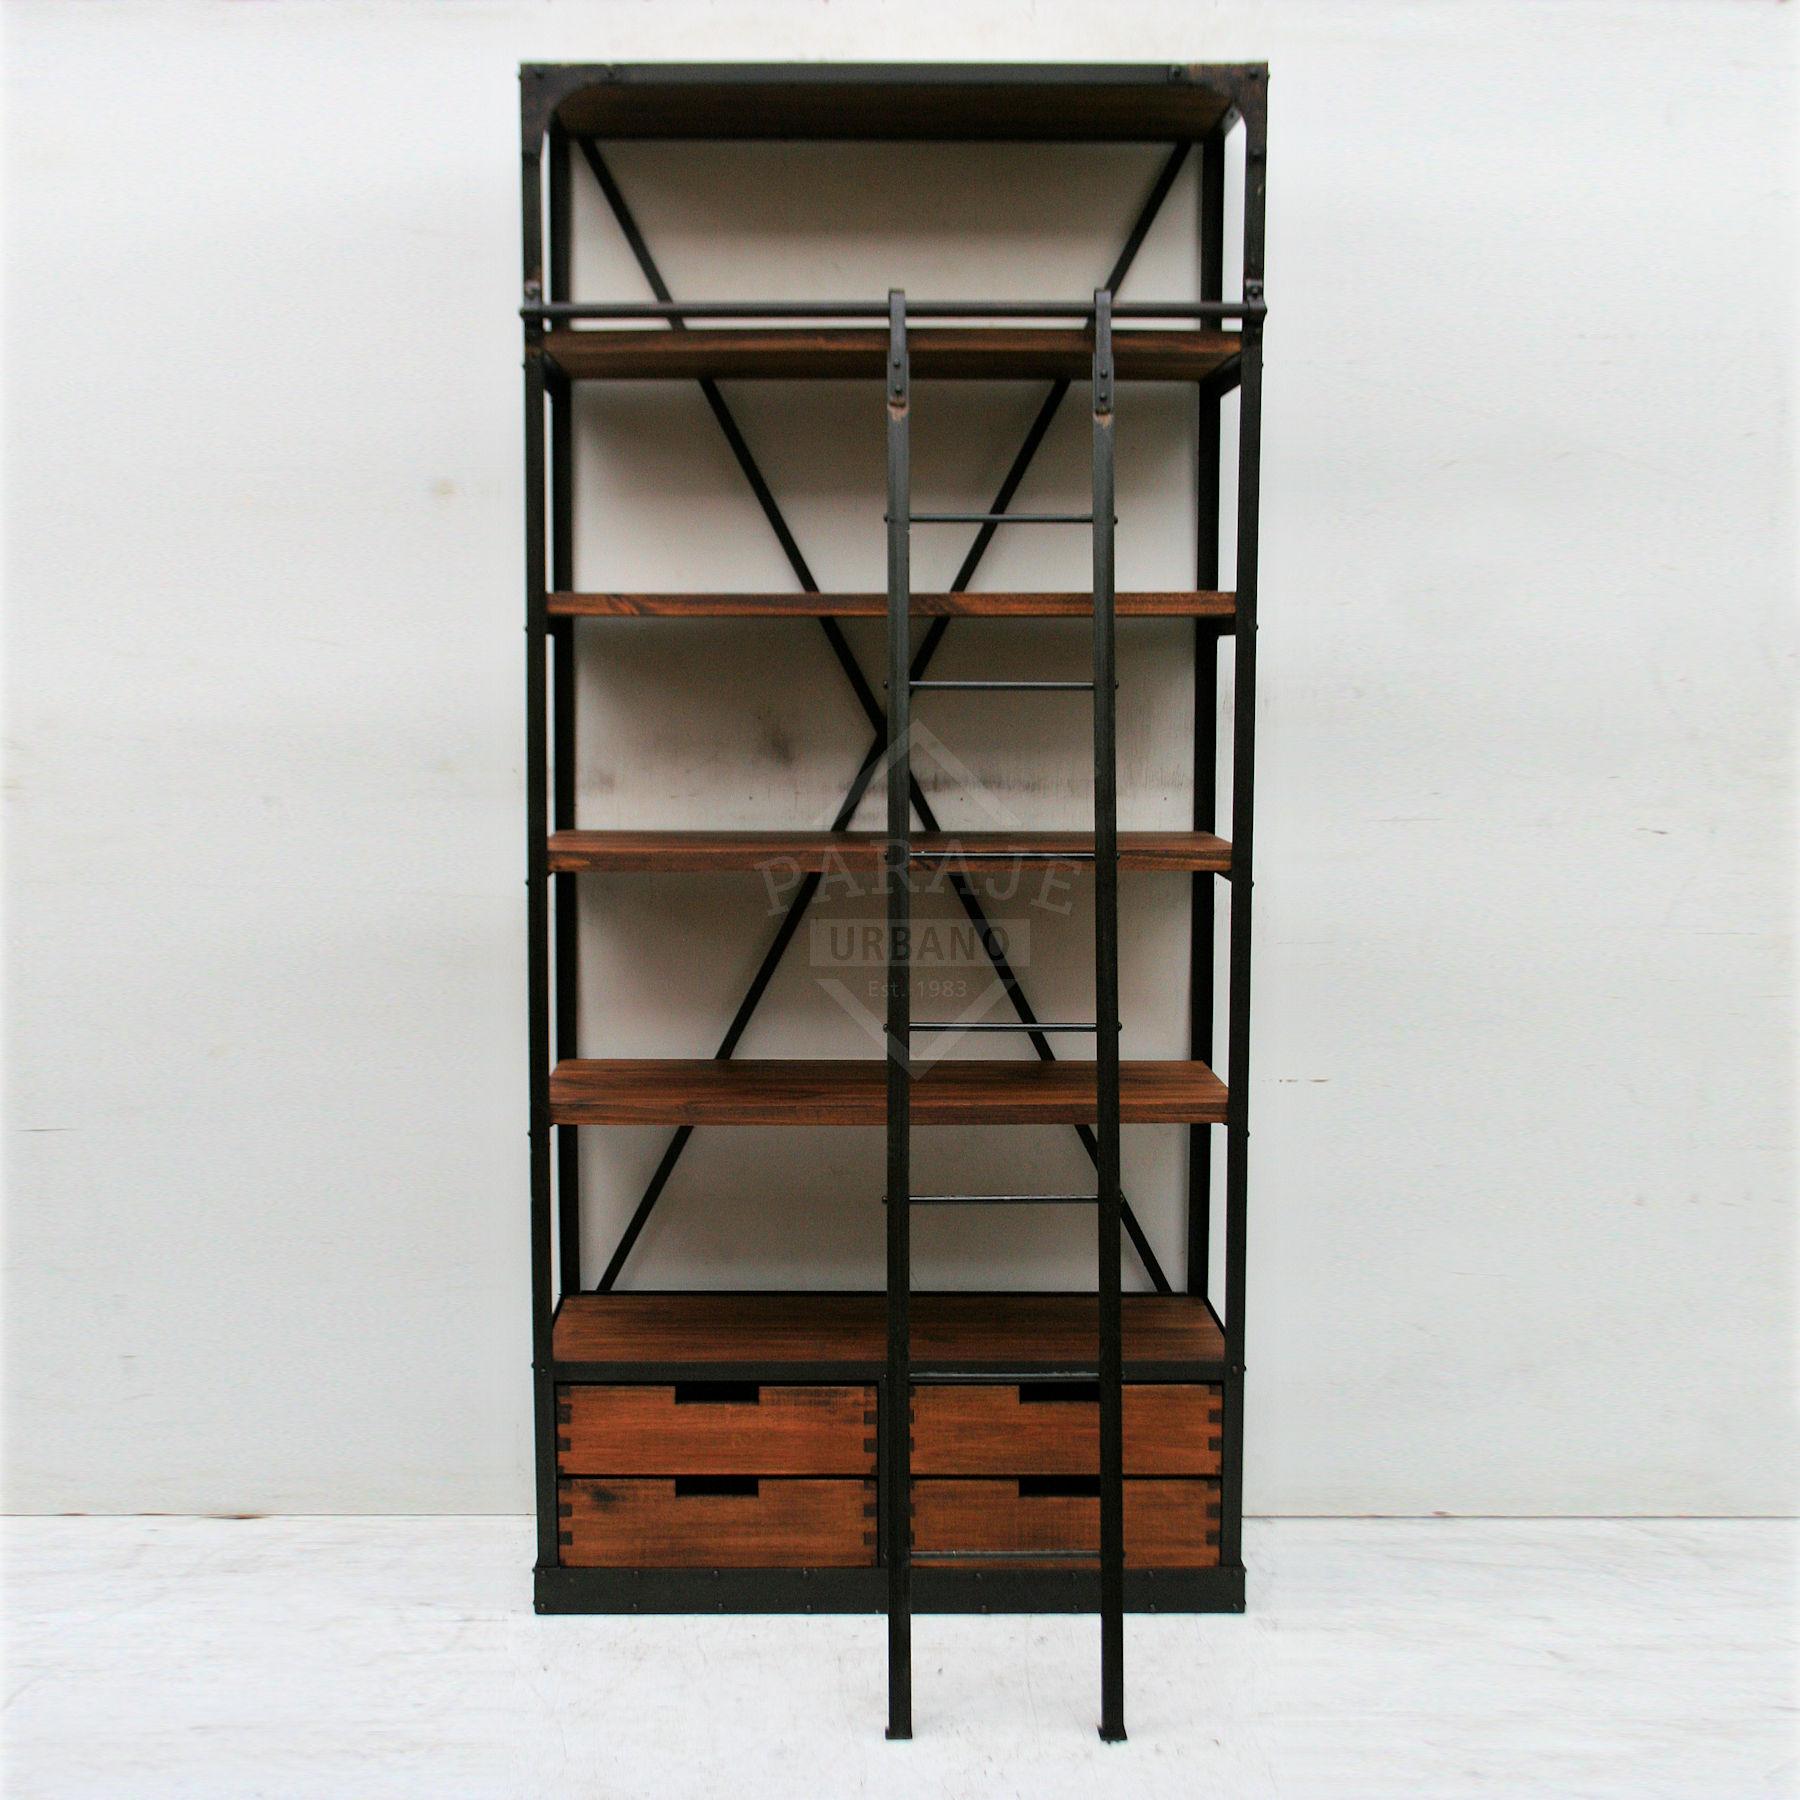 Paraje urbano biblioteca estanteria de hierro y madera for Biblioteca debajo de la escalera